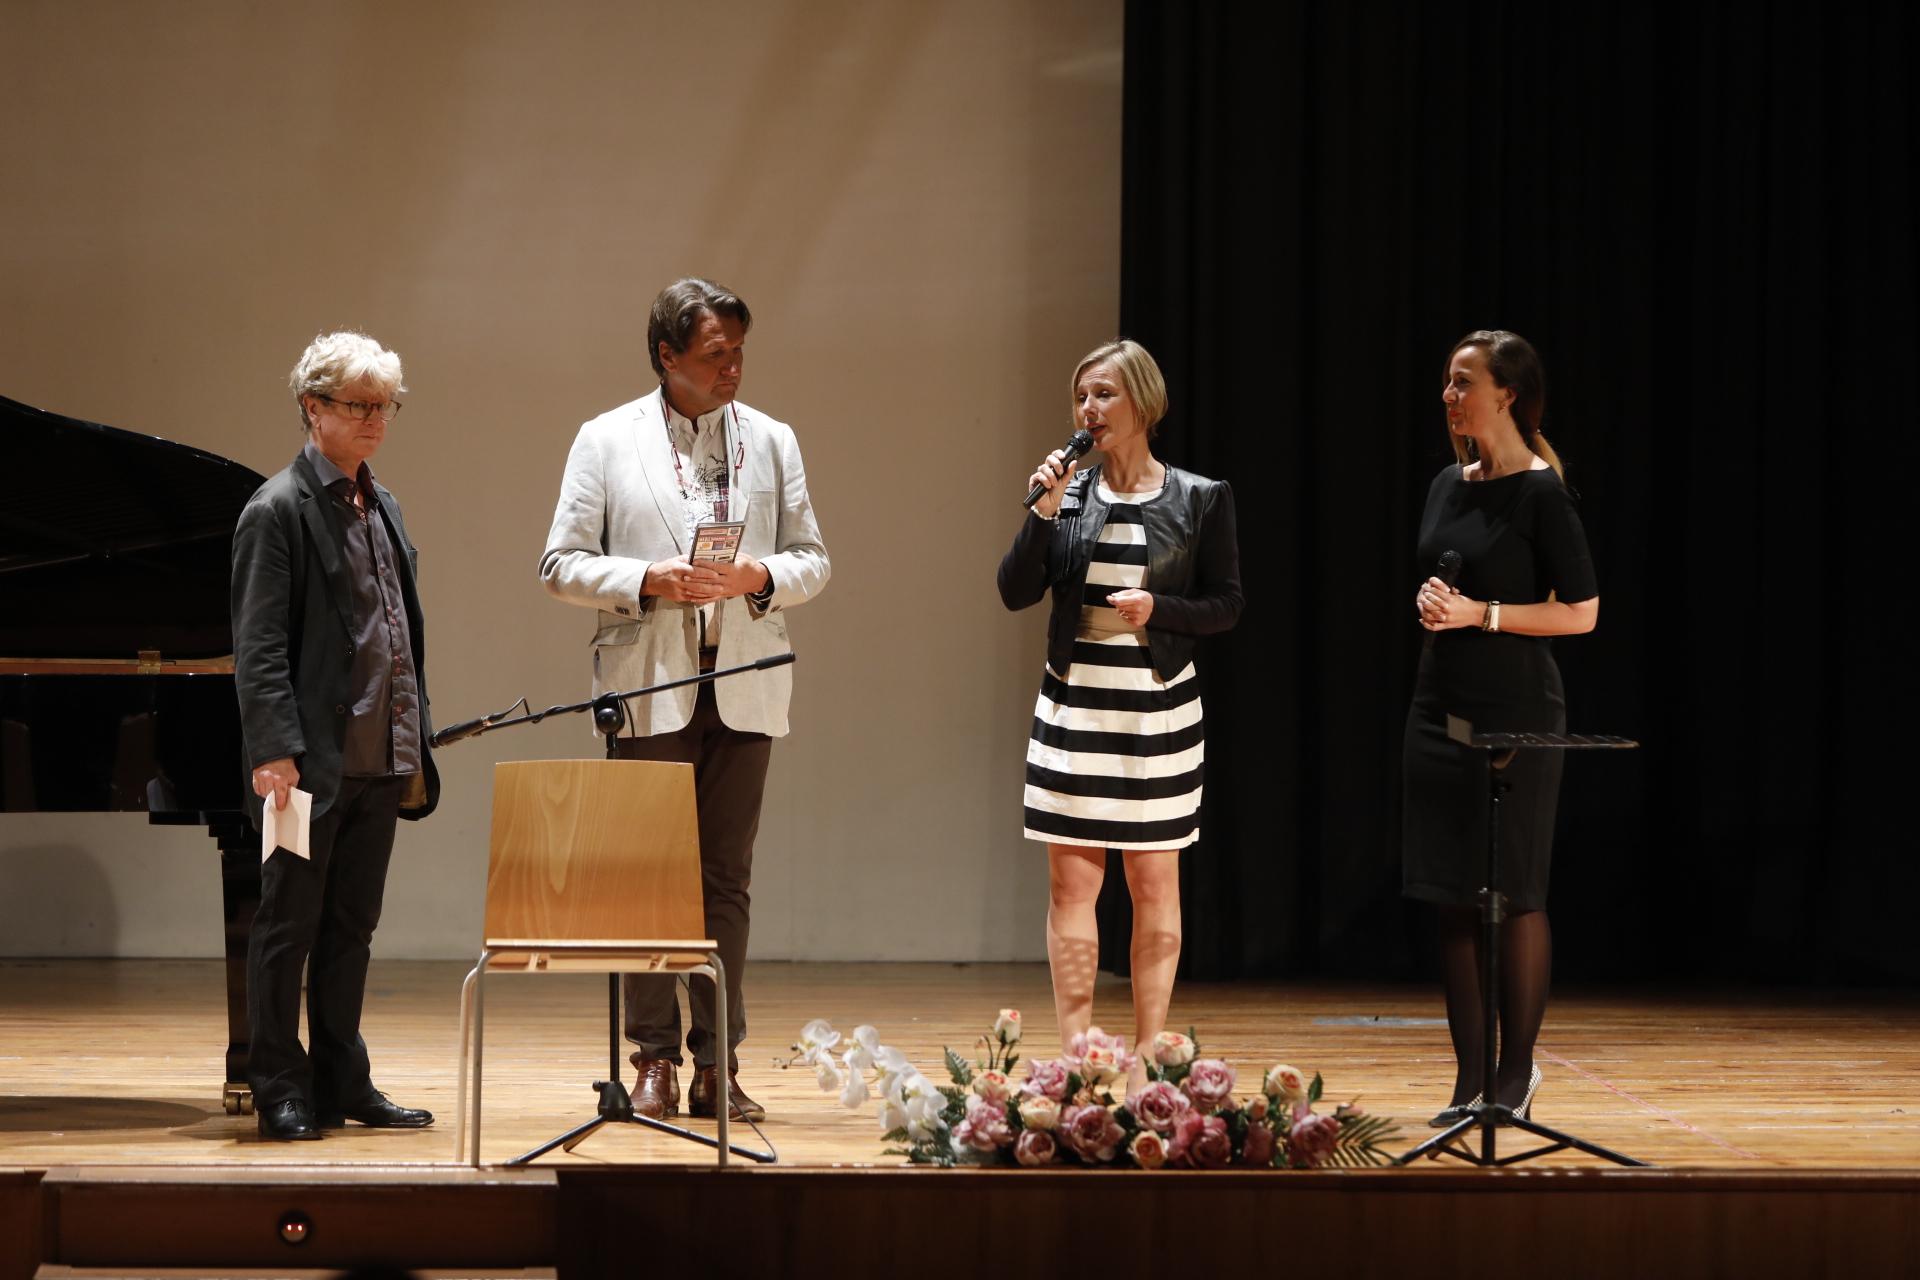 Con el auditorio a tope se estrenan las Jornadas Hispano Noruegas de l'Alfàs